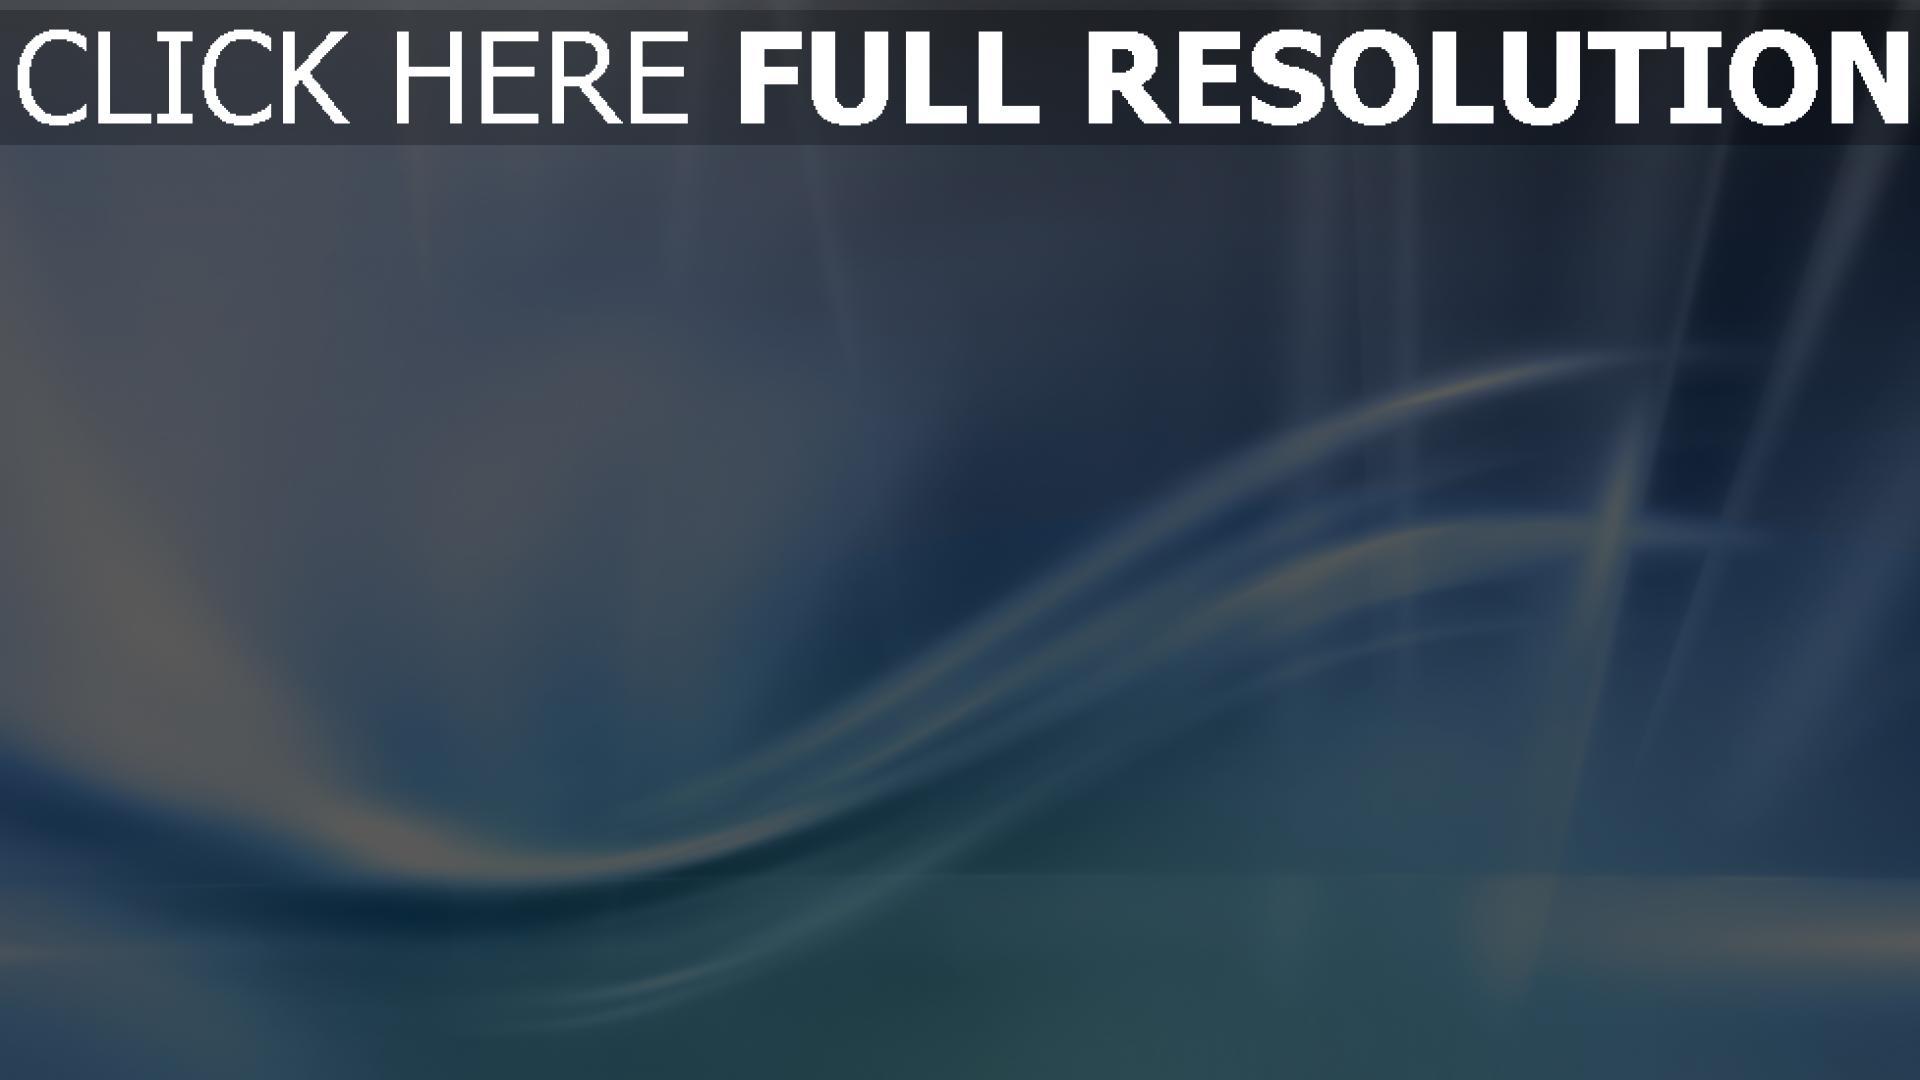 Fond d'écran HD énergie vague illuminée, Images et Photos